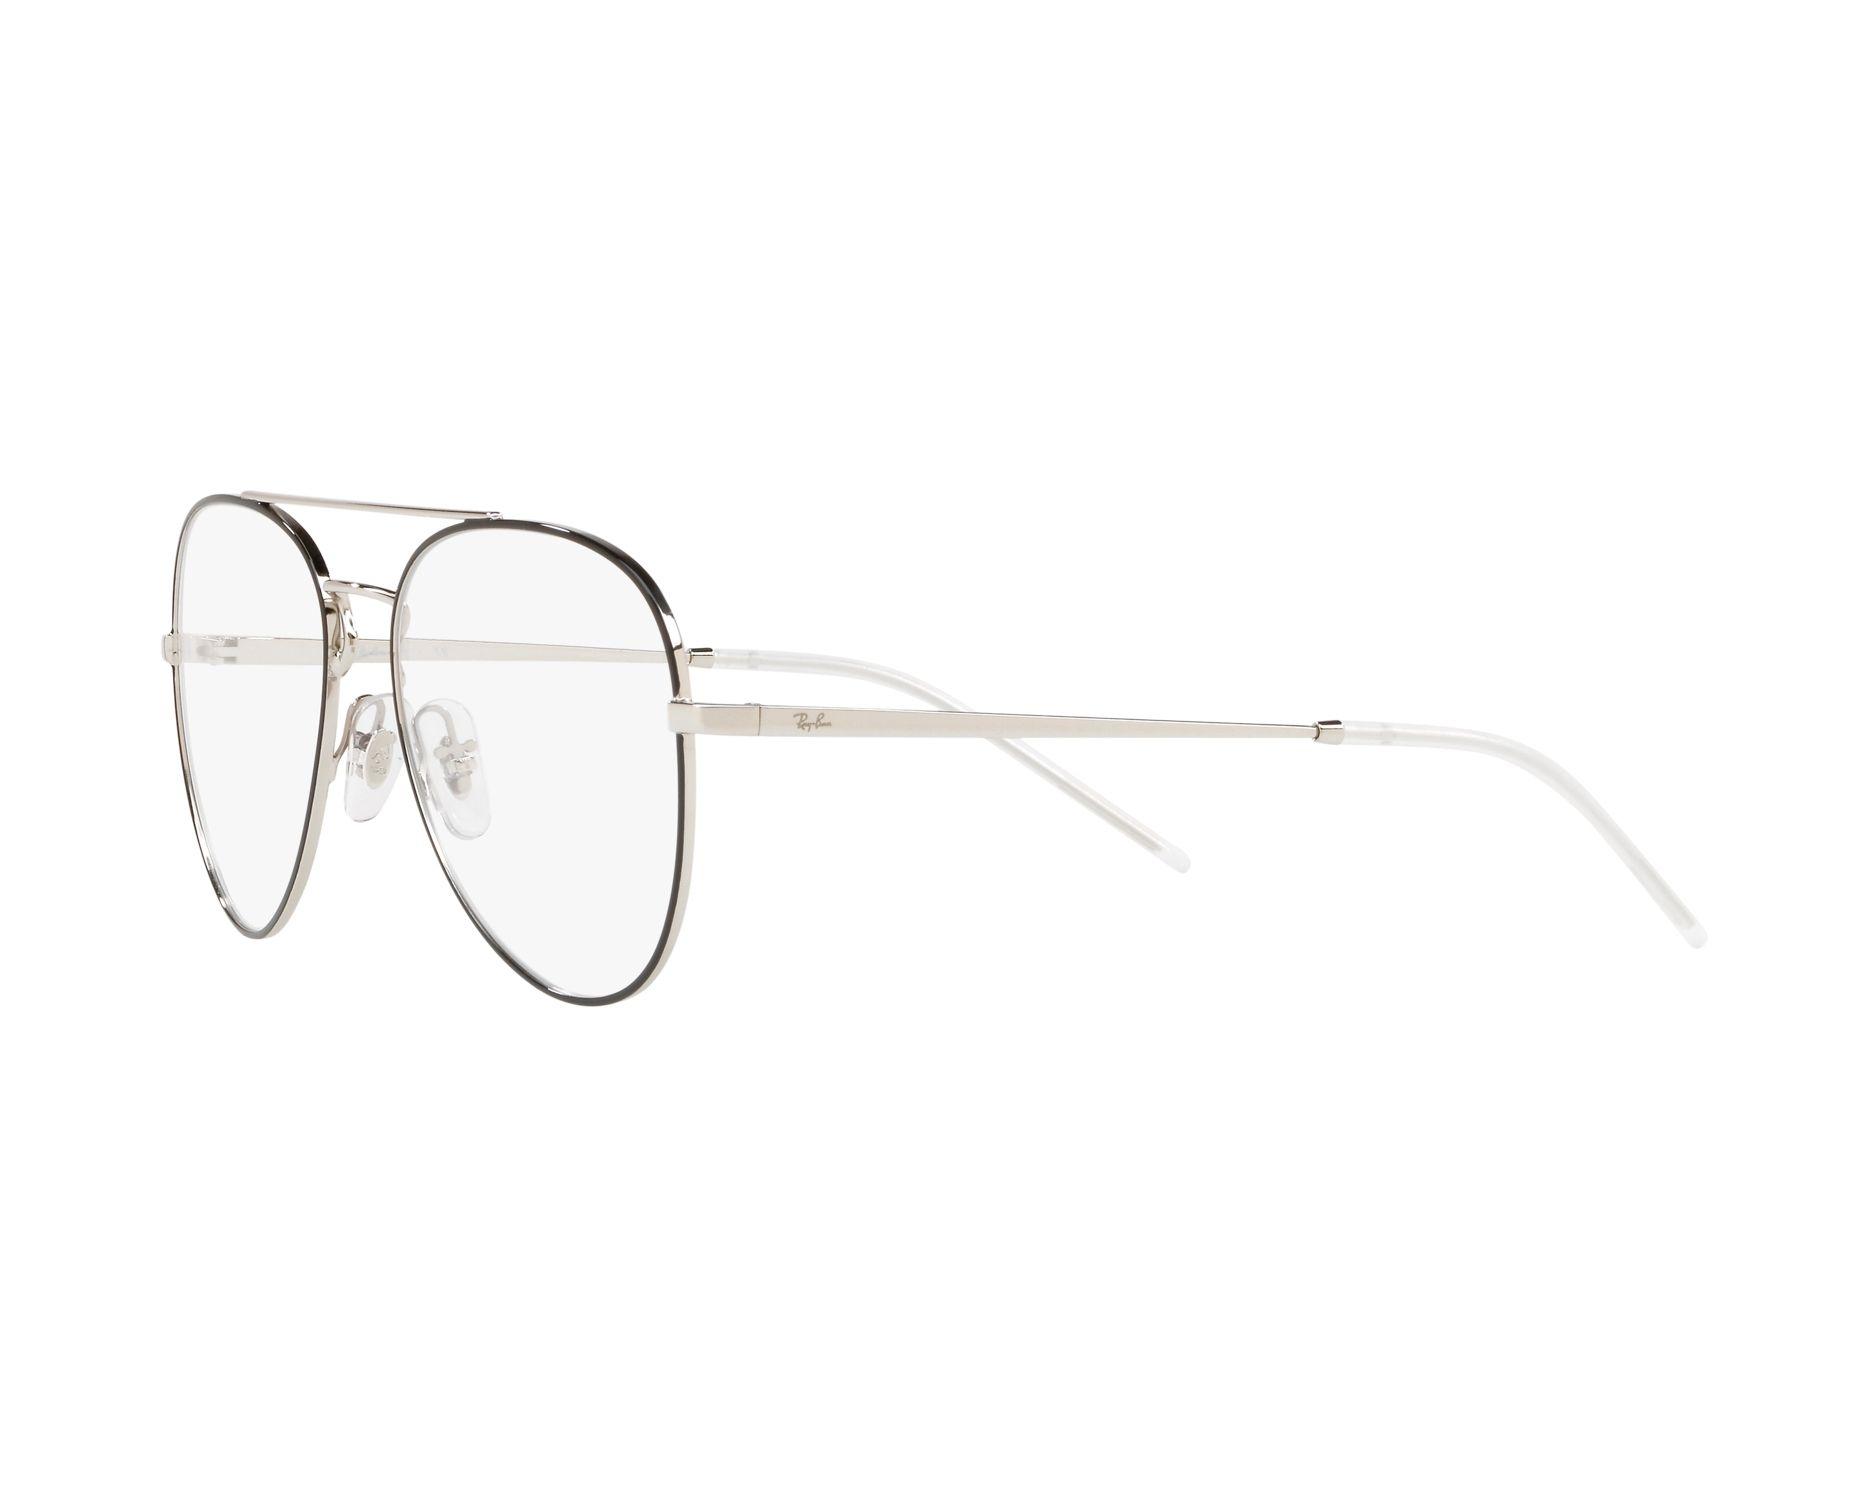 26bb0078557 eyeglasses Ray-Ban RX-6413 2983 - Silver Black 360 degree view 3